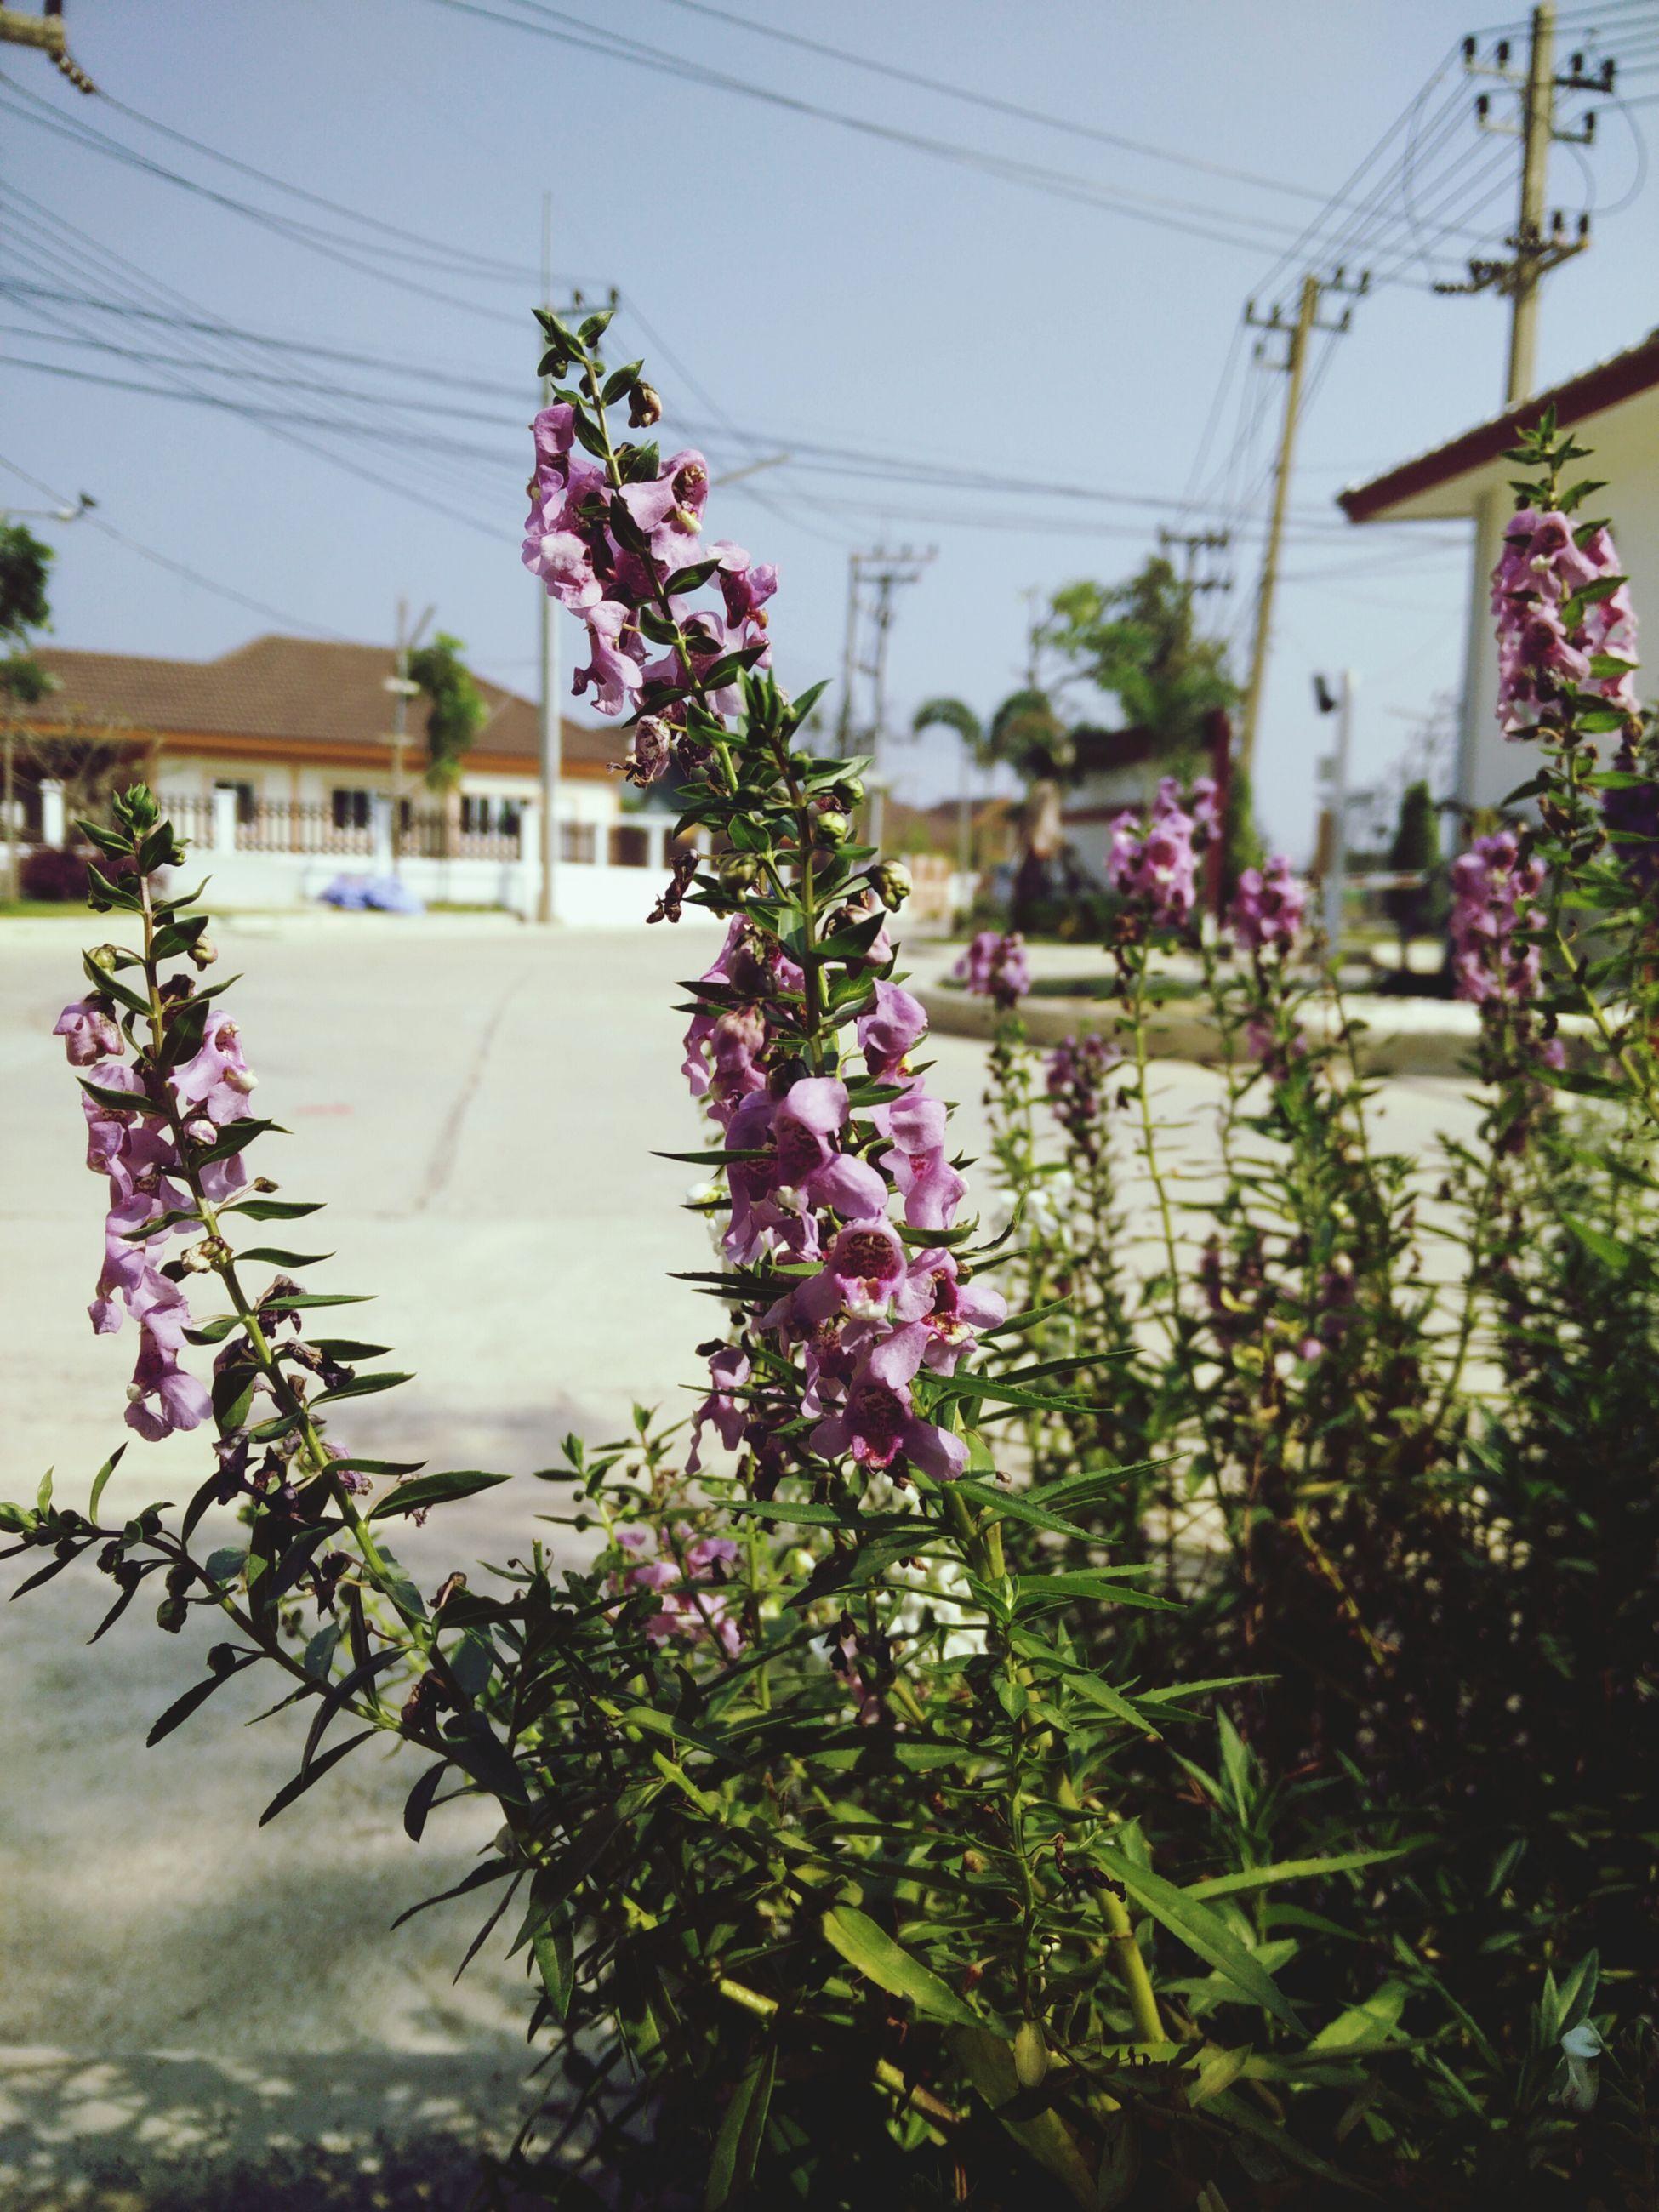 ดอกไม้ร่วงโรย เปลี่ยนผันตามฤดู First Eyeem Photo